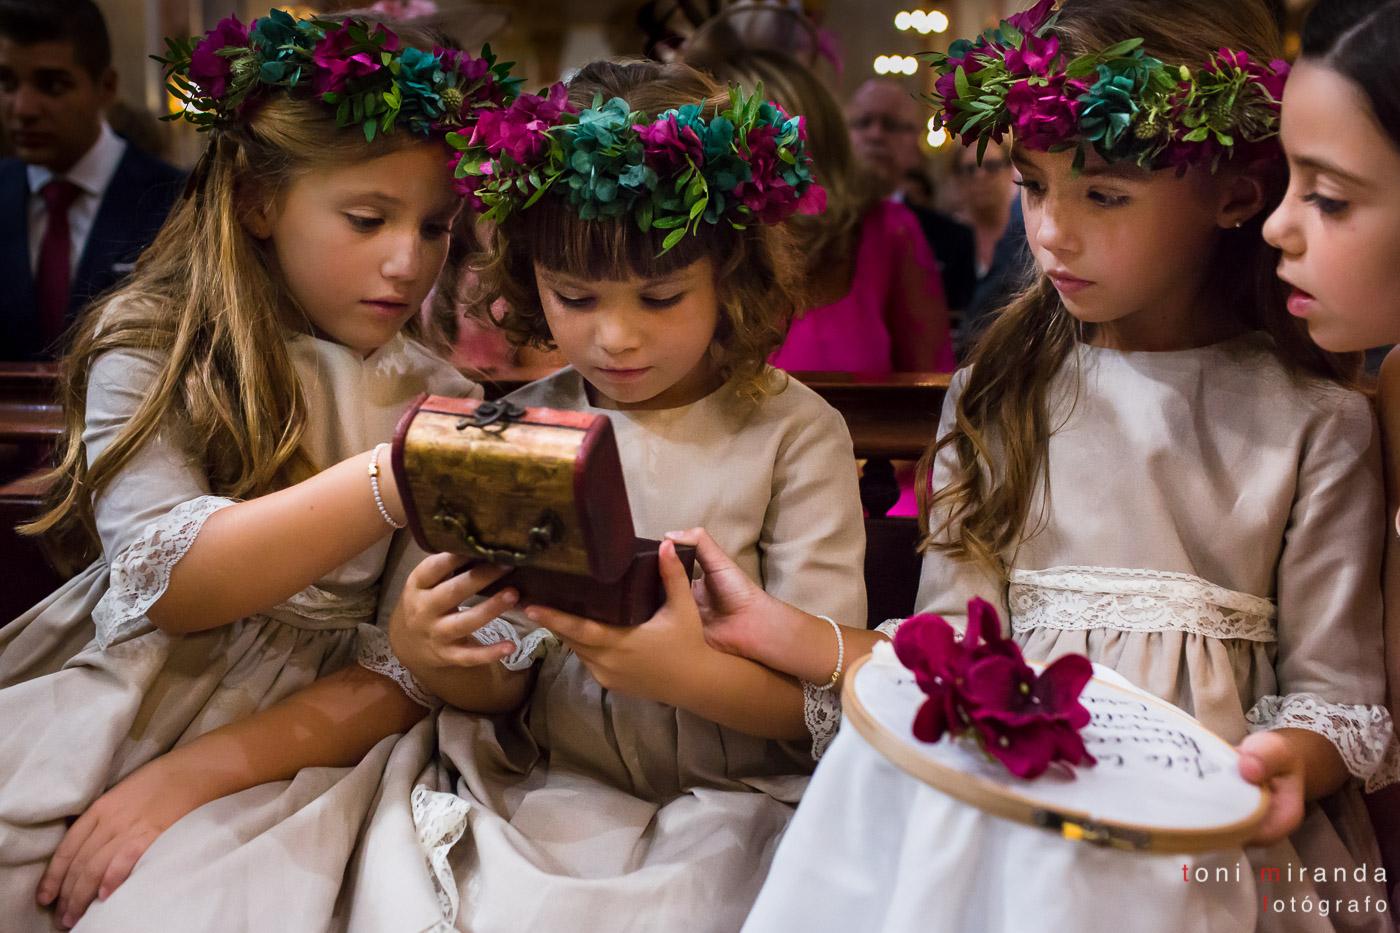 Niñas en iglesia con anillos y arras en la Basílica de Nuestra Señora del Socorro de Aspe